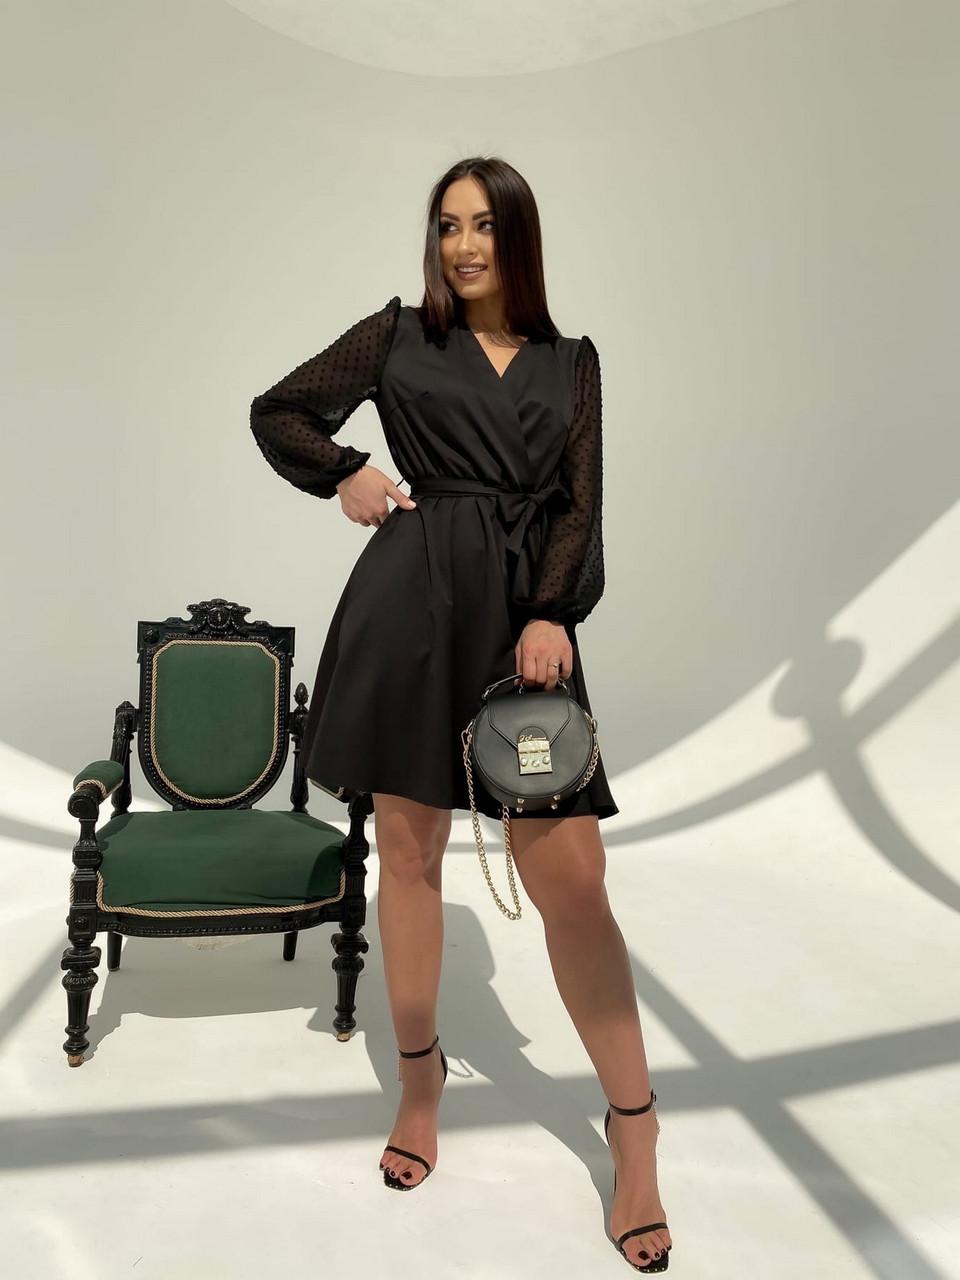 Класичне і легке плаття з імітацією запаху і рукавом в горошок, 00593 Ґ(Чорний), Розмір 44 (M)